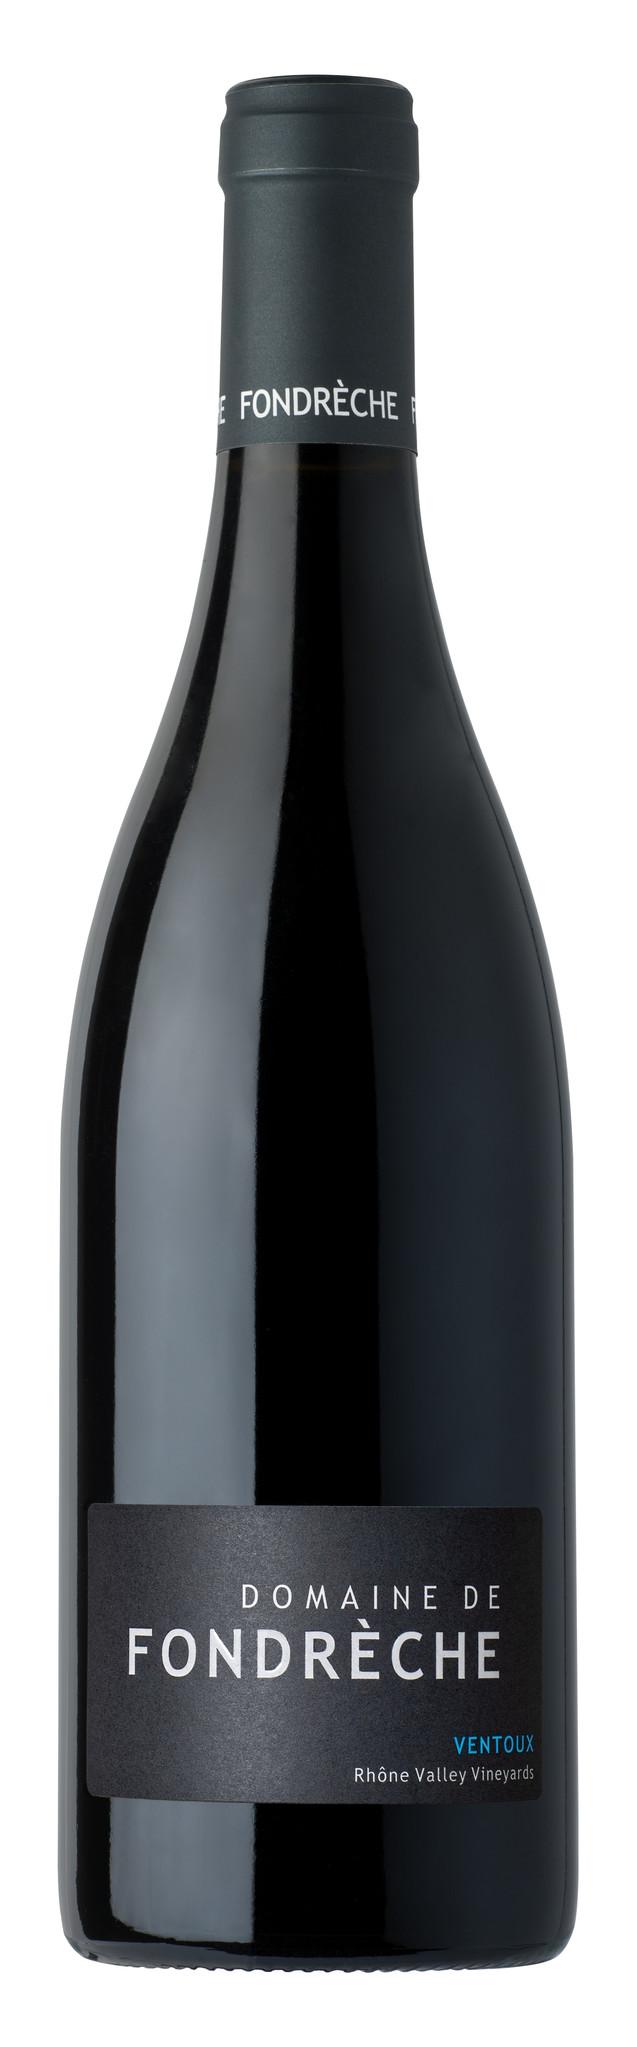 Fondrèche, Côtes de Ventoux rouge, 2018